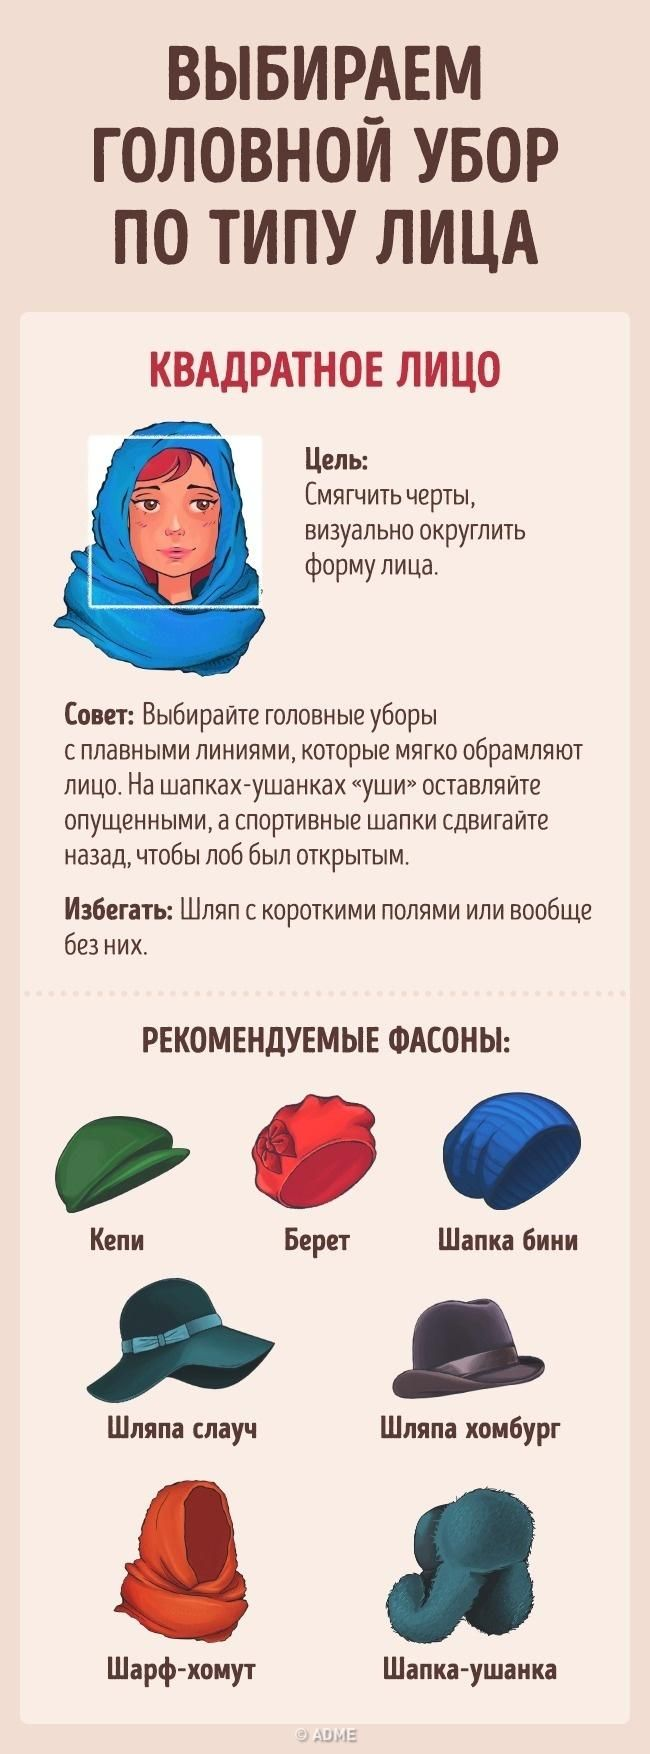 Для многих из нас головной убор — самый нелюбимый предмет гардероба...А как же - ведь он может внести неразбериху в образ и испортить прическу. Но если знать несколько секретов, то самая обычная спорт...